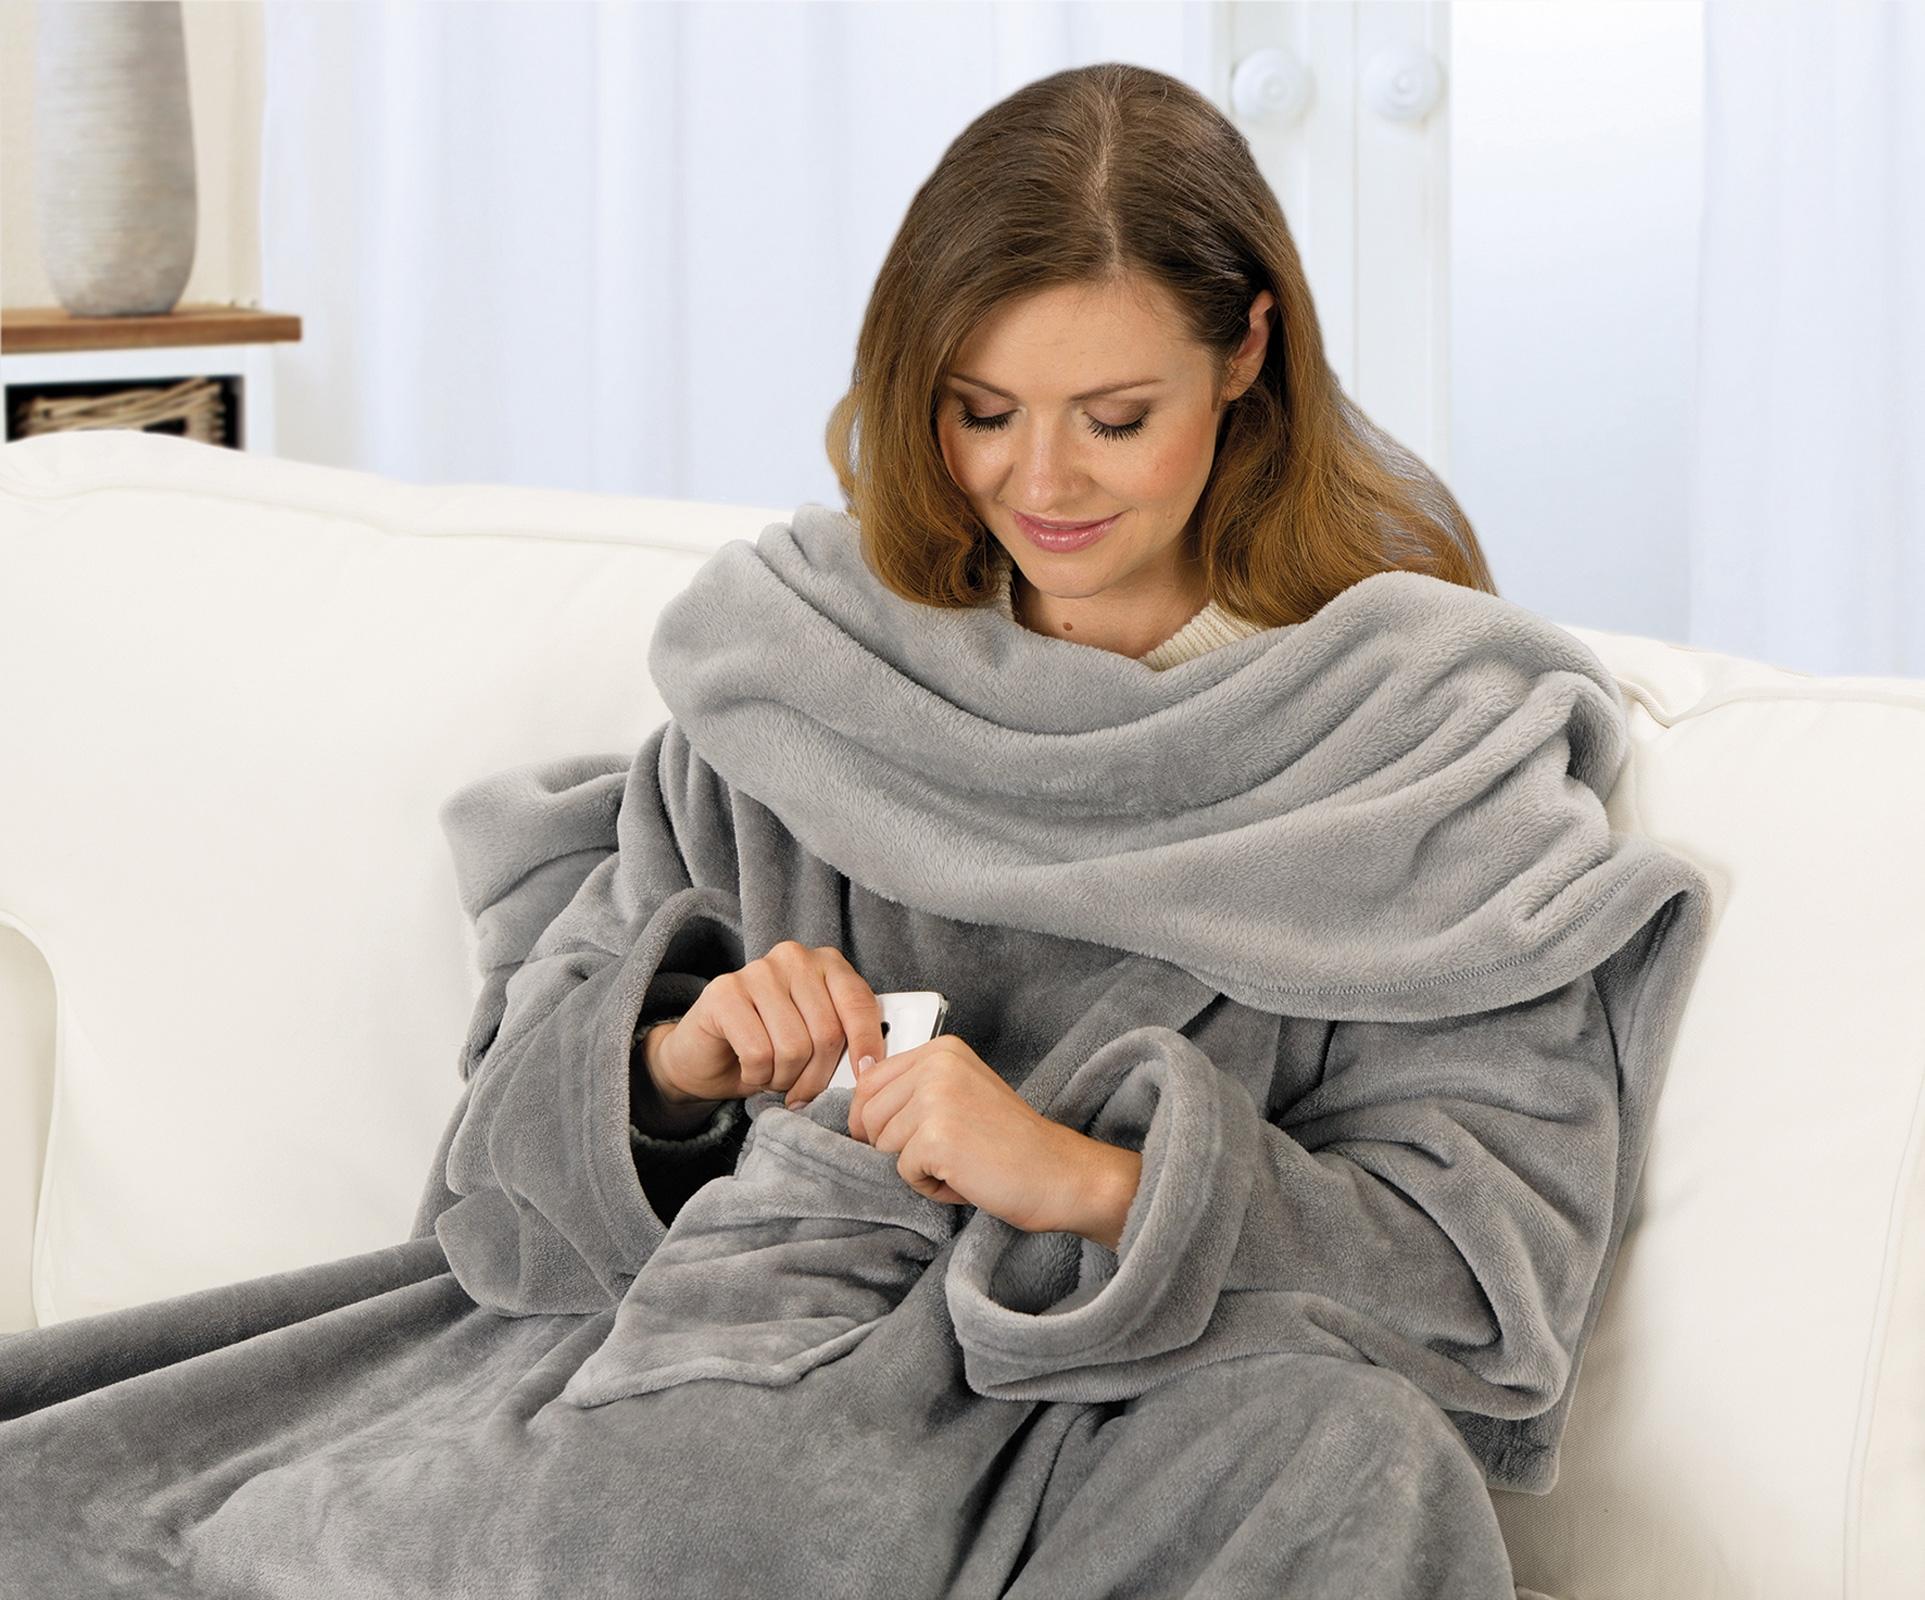 Wohndecken und Kissen - Gözze Premium Kuscheldecke mit Ärmel in Komfortgröße 150 x 240 cm Ärmeldecke mit Brusttasche  - Onlineshop PremiumShop321